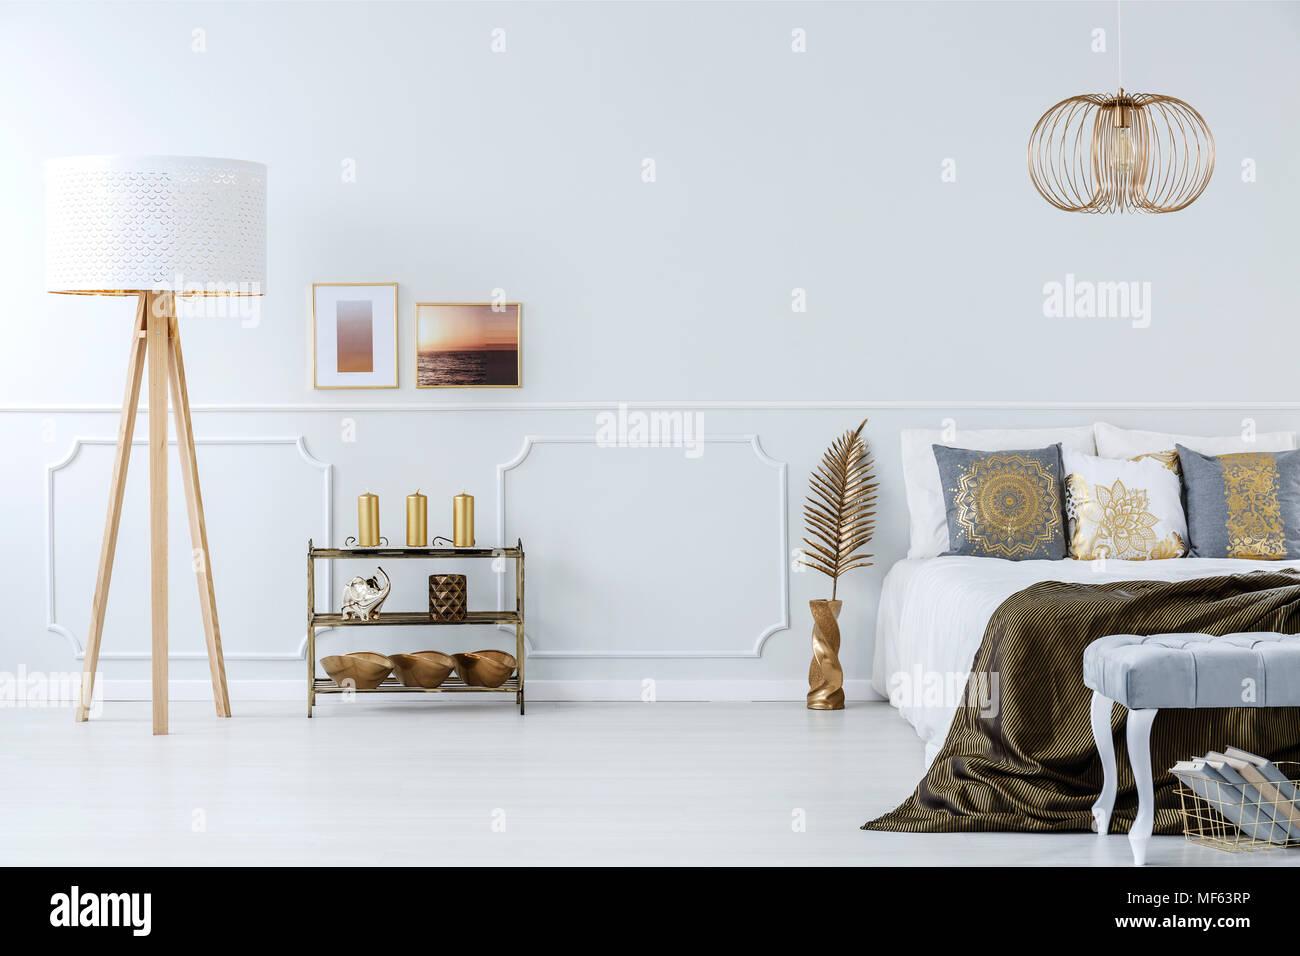 Camera Da Letto Grigio Chiaro : Eleganti decorazioni dorate in un lussuoso grigio chiaro